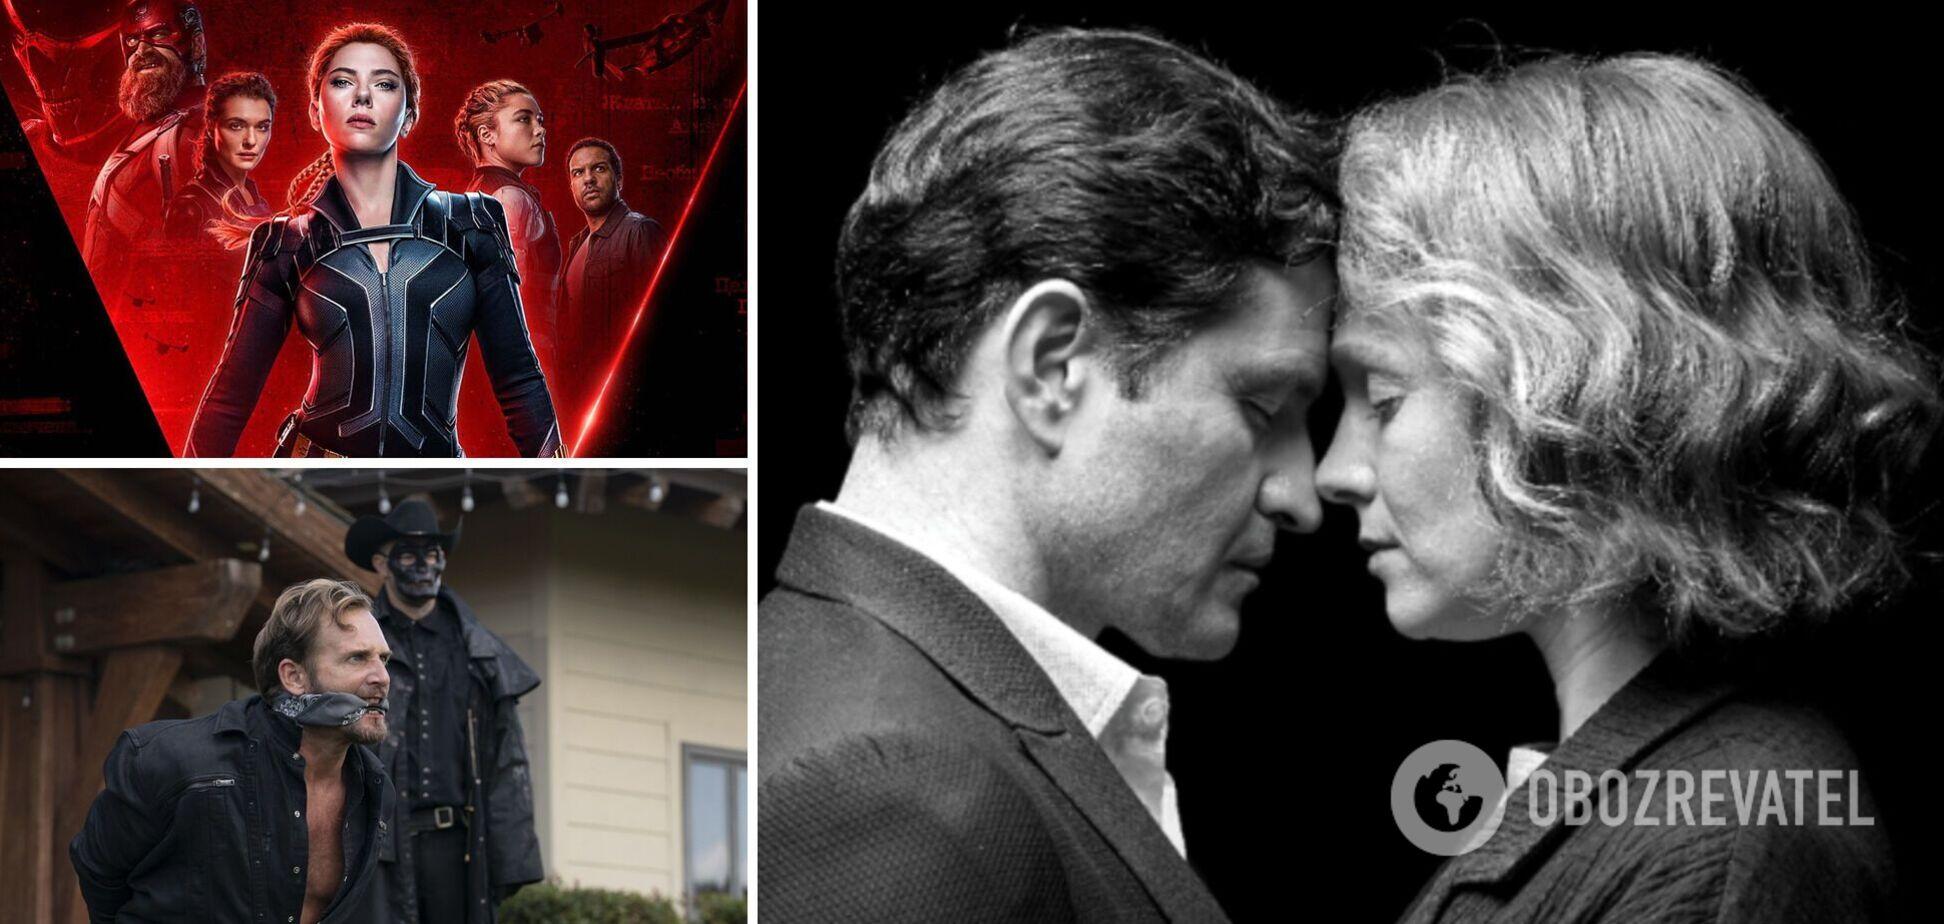 Комедії, драми і трилери покажуть у липні 2021 року